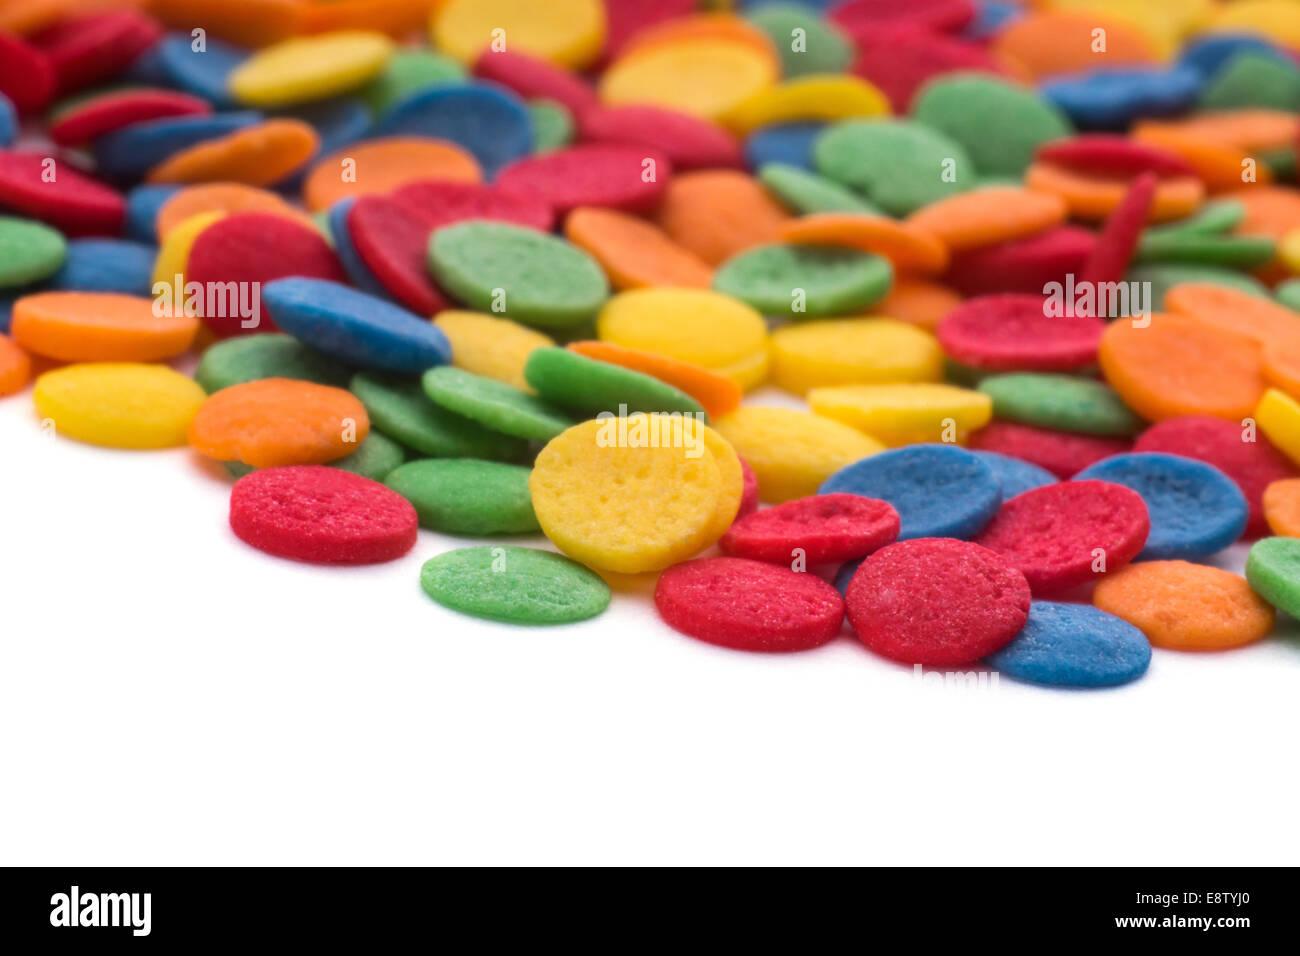 Bunten Süßigkeiten Konfetti auf dem weißen Hintergrund Stockfoto